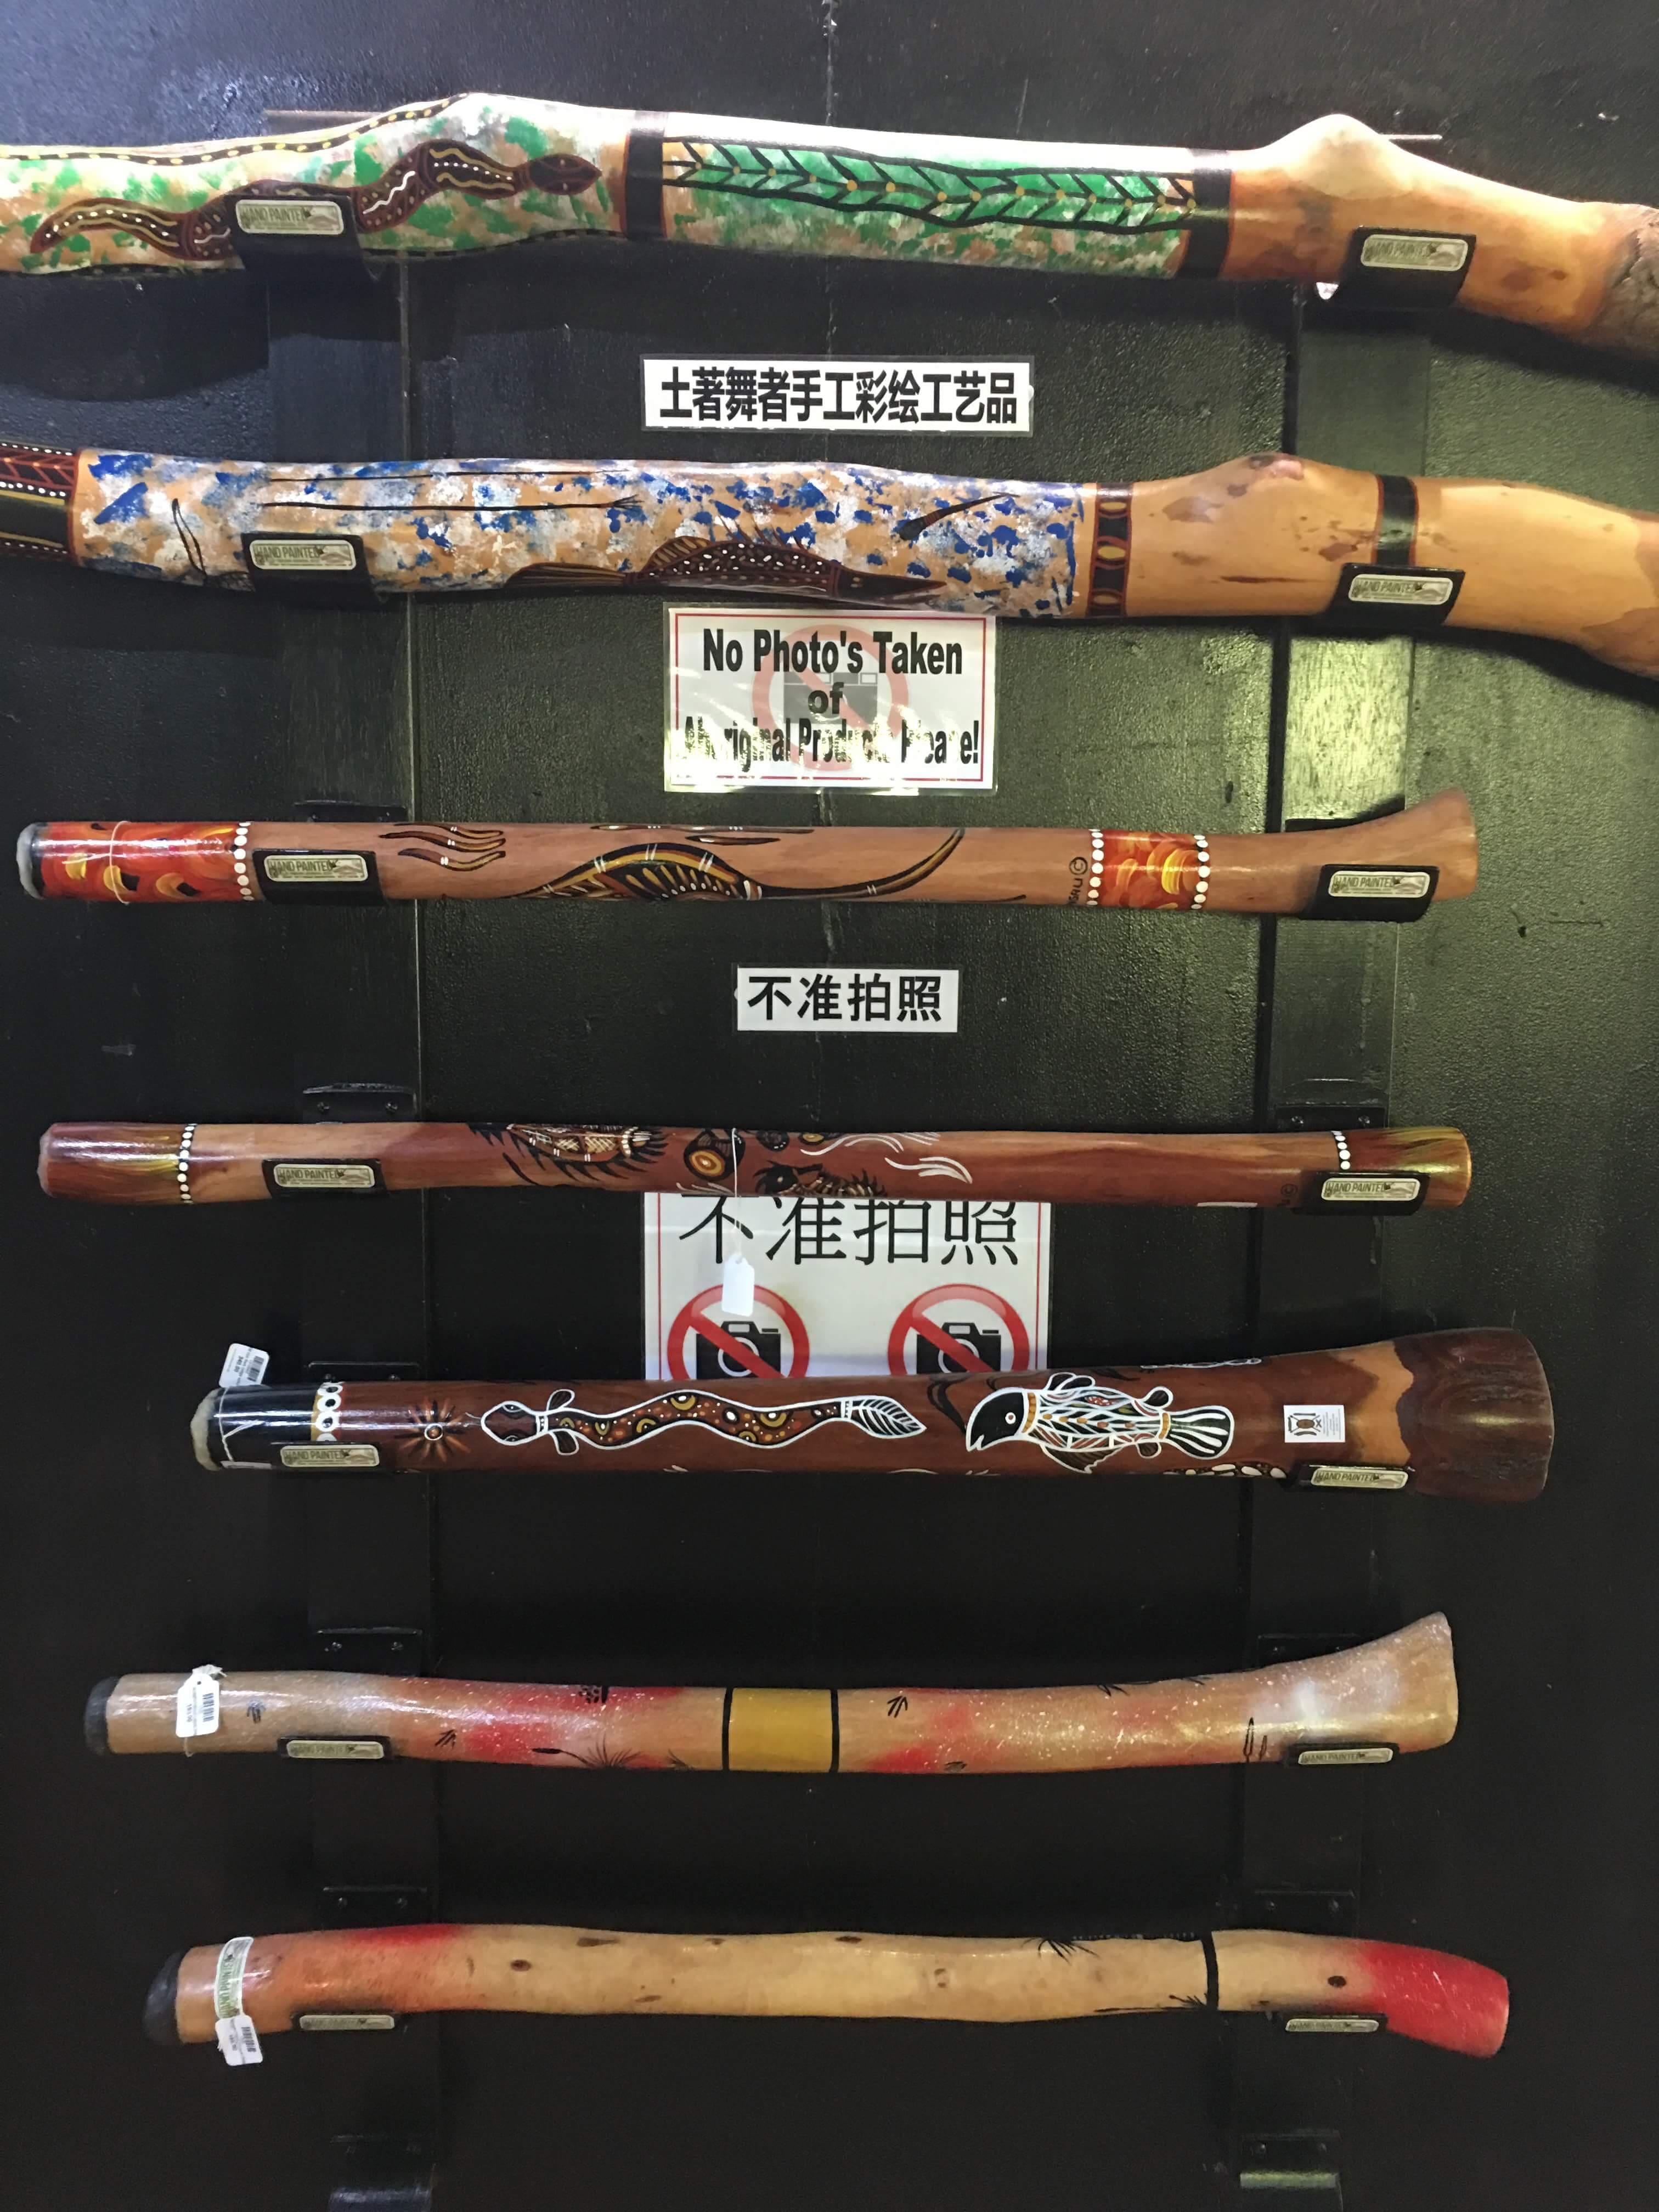 A display of indigenous hand painted didgeridoos